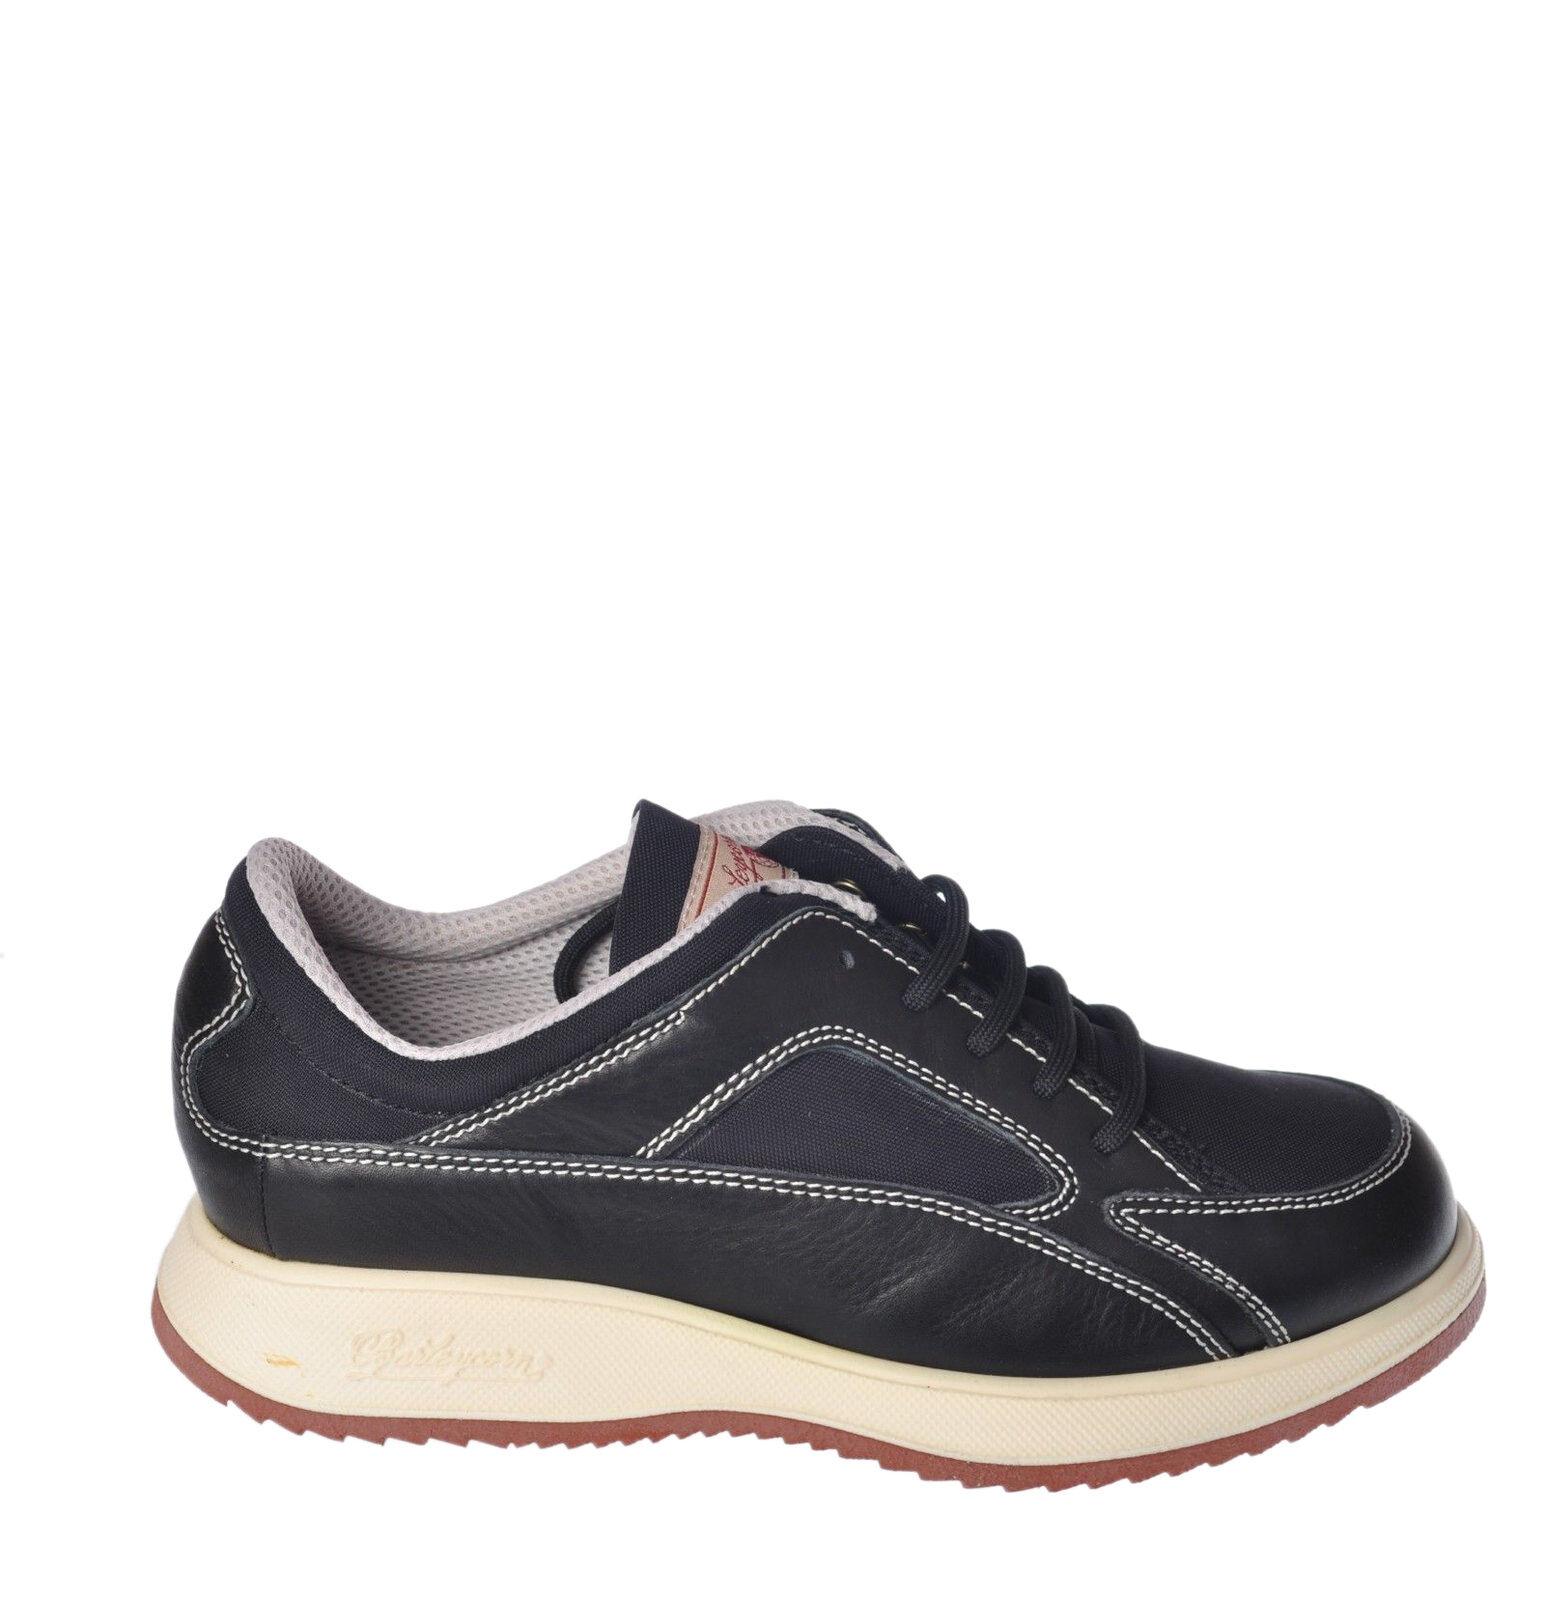 controlla il più economico Barleycorn - scarpe-scarpe da ginnastica ginnastica ginnastica - Donna - nero - 5146320C183555  prezzi all'ingrosso